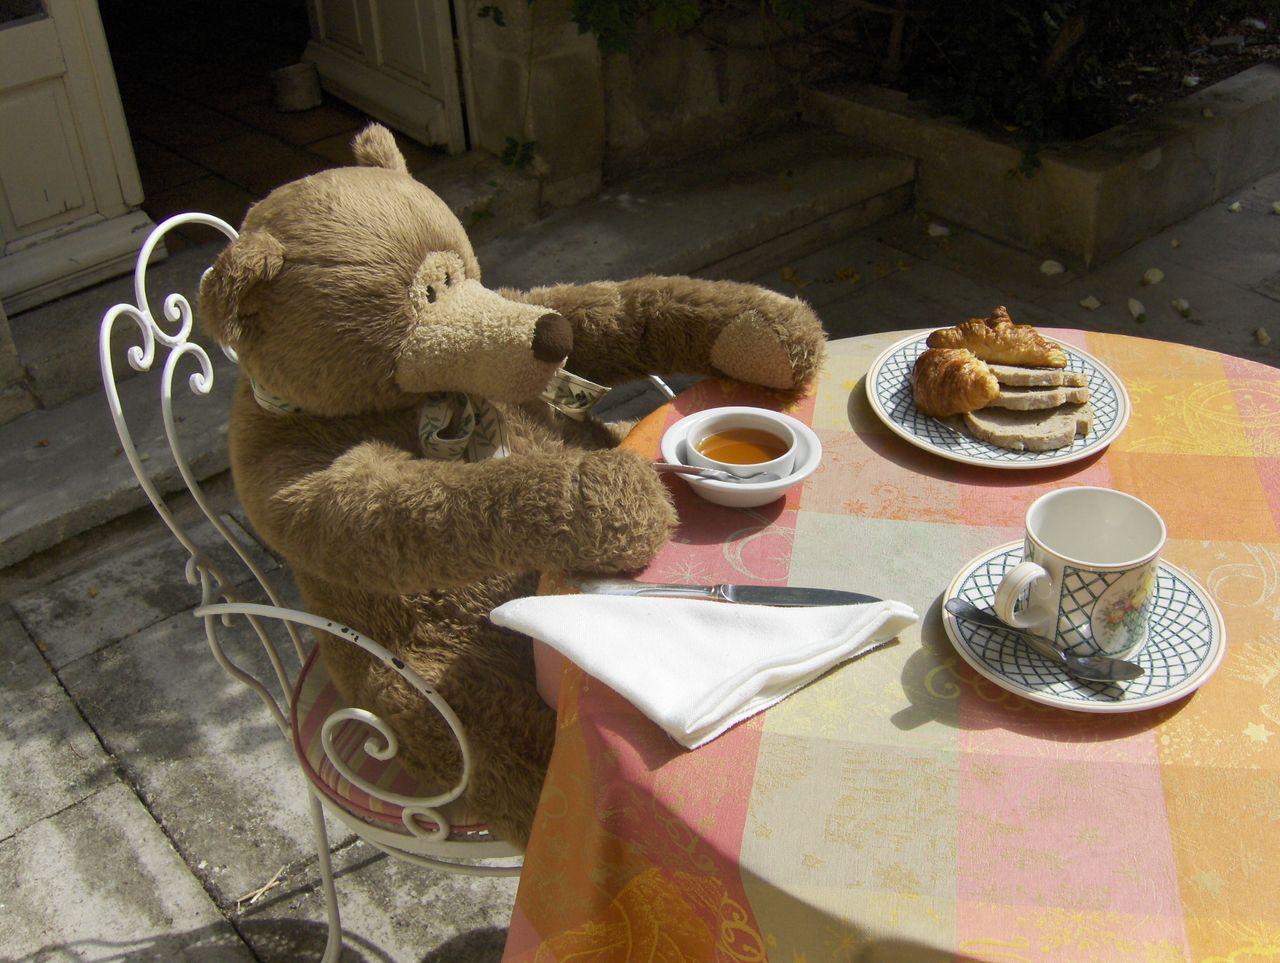 Même les nounours ont droit au petit-déjeûner (photo prise ici)